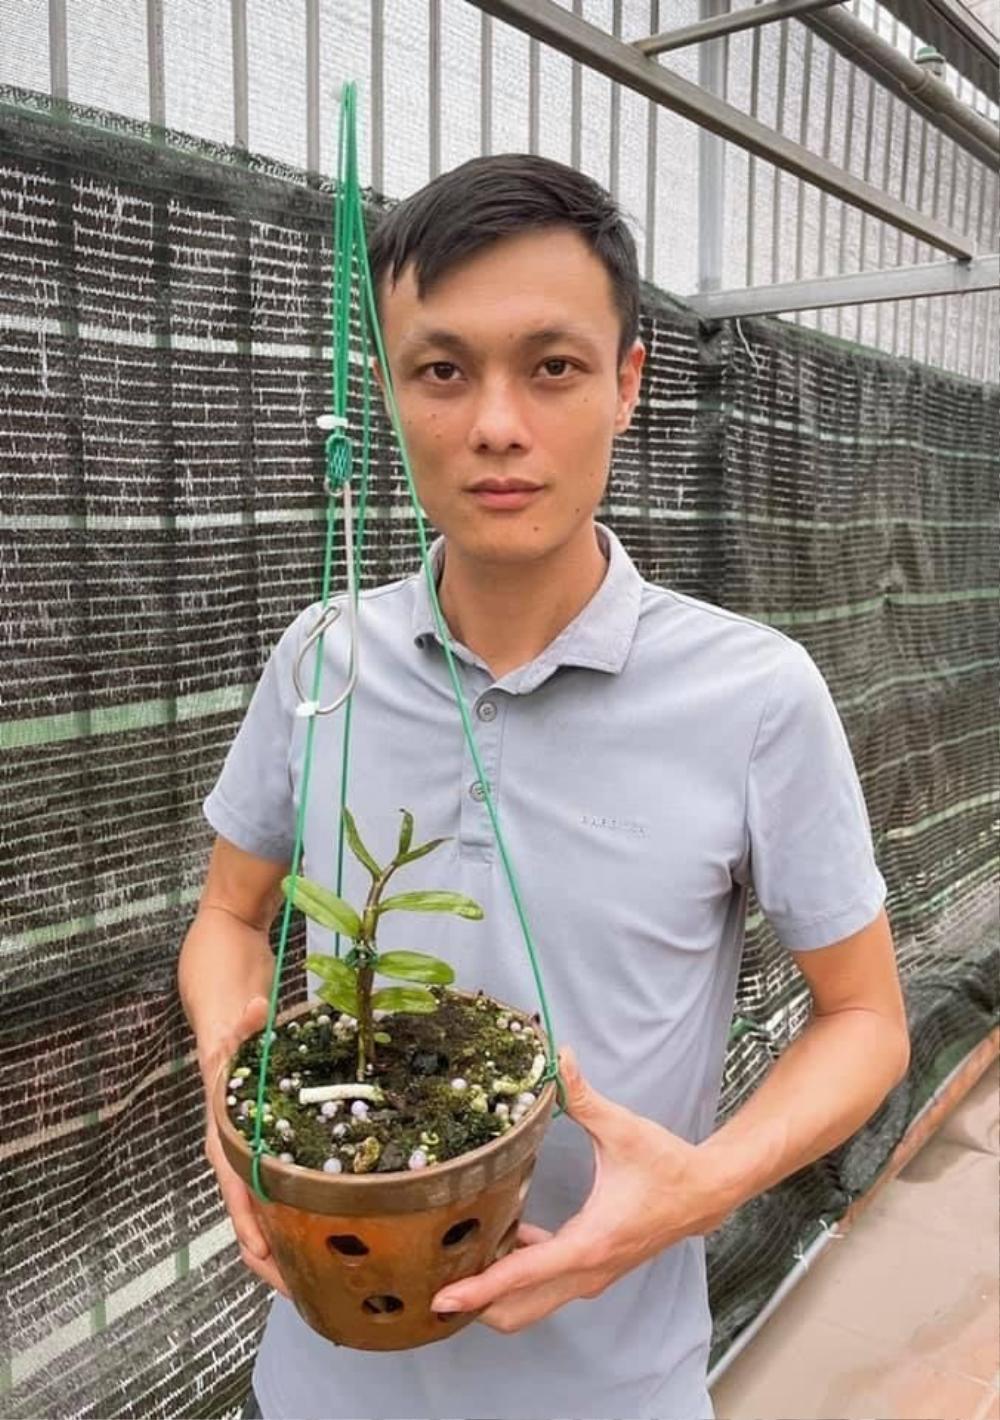 Nghệ nhân Nguyễn Thế Vinh: Chàng công an trẻ với niềm đam mê hoa lan Ảnh 2